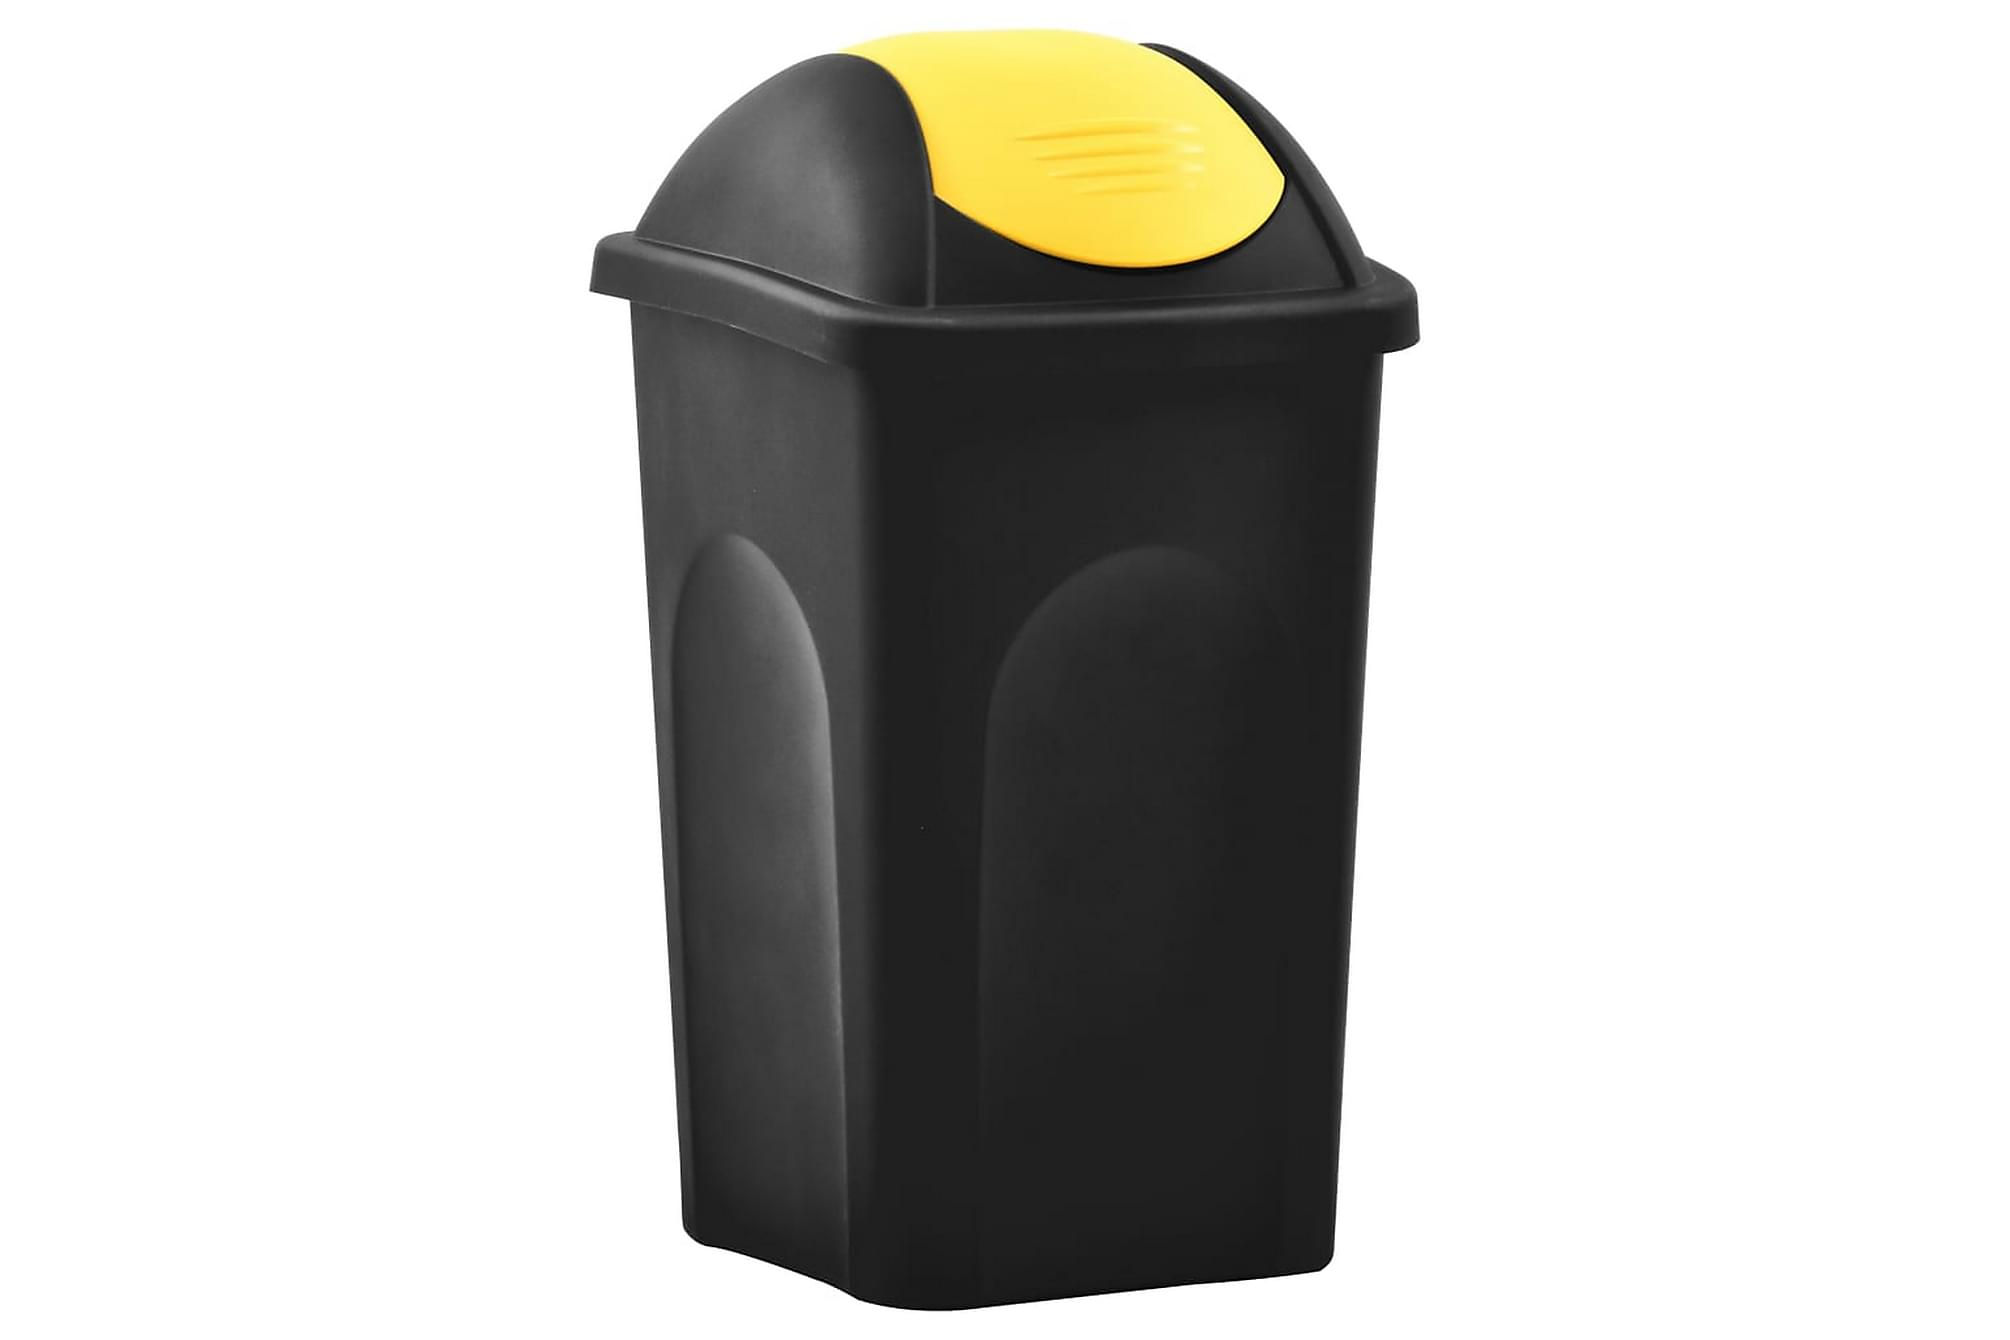 Soptunna med svänglock 60L svart och gul